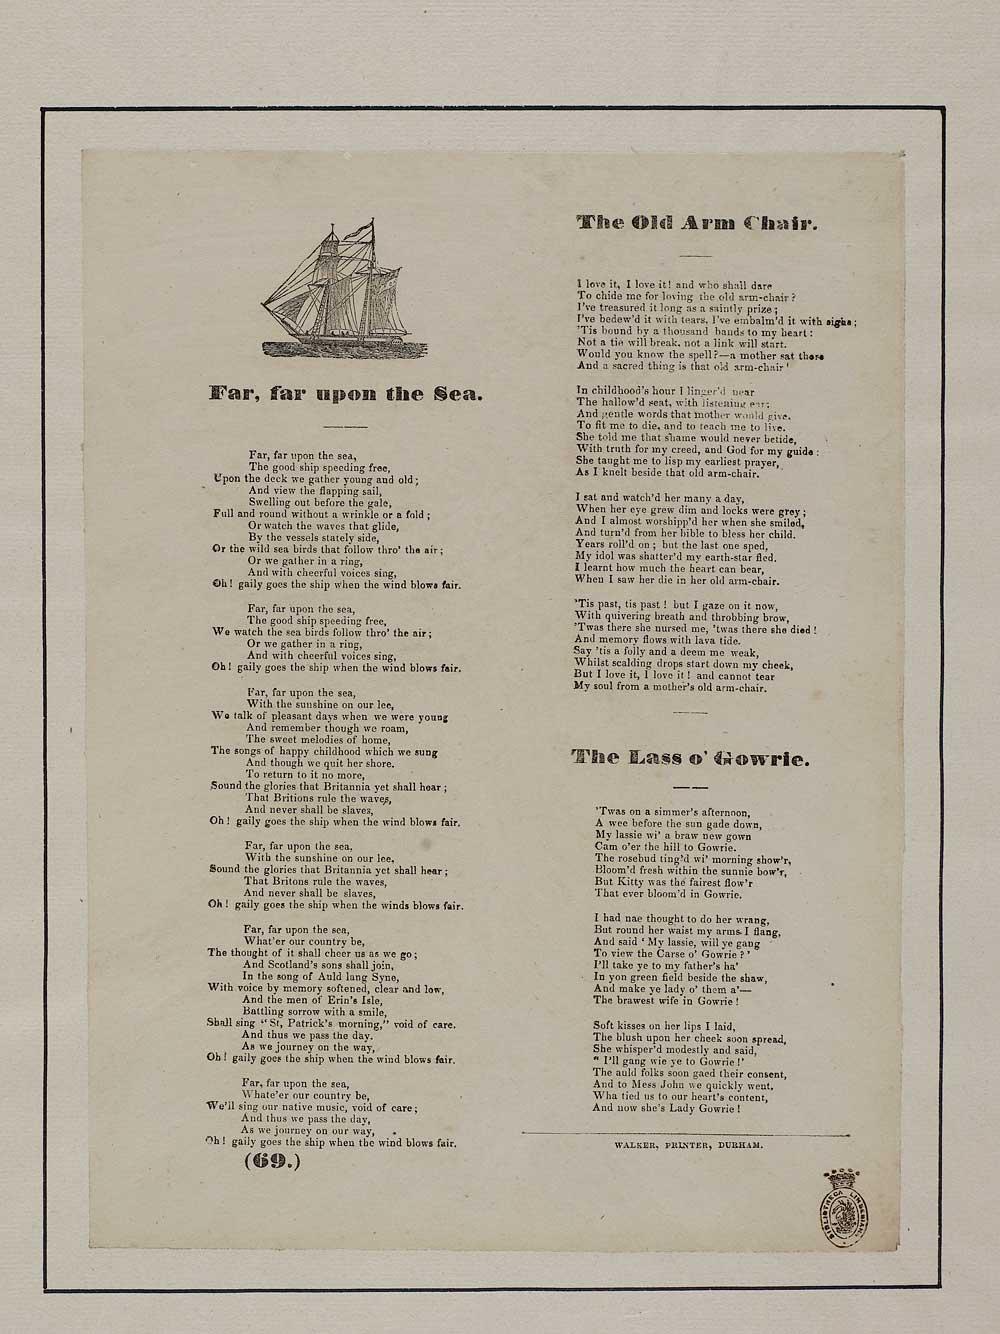 Far, far upon the sea - Scotland - English ballads